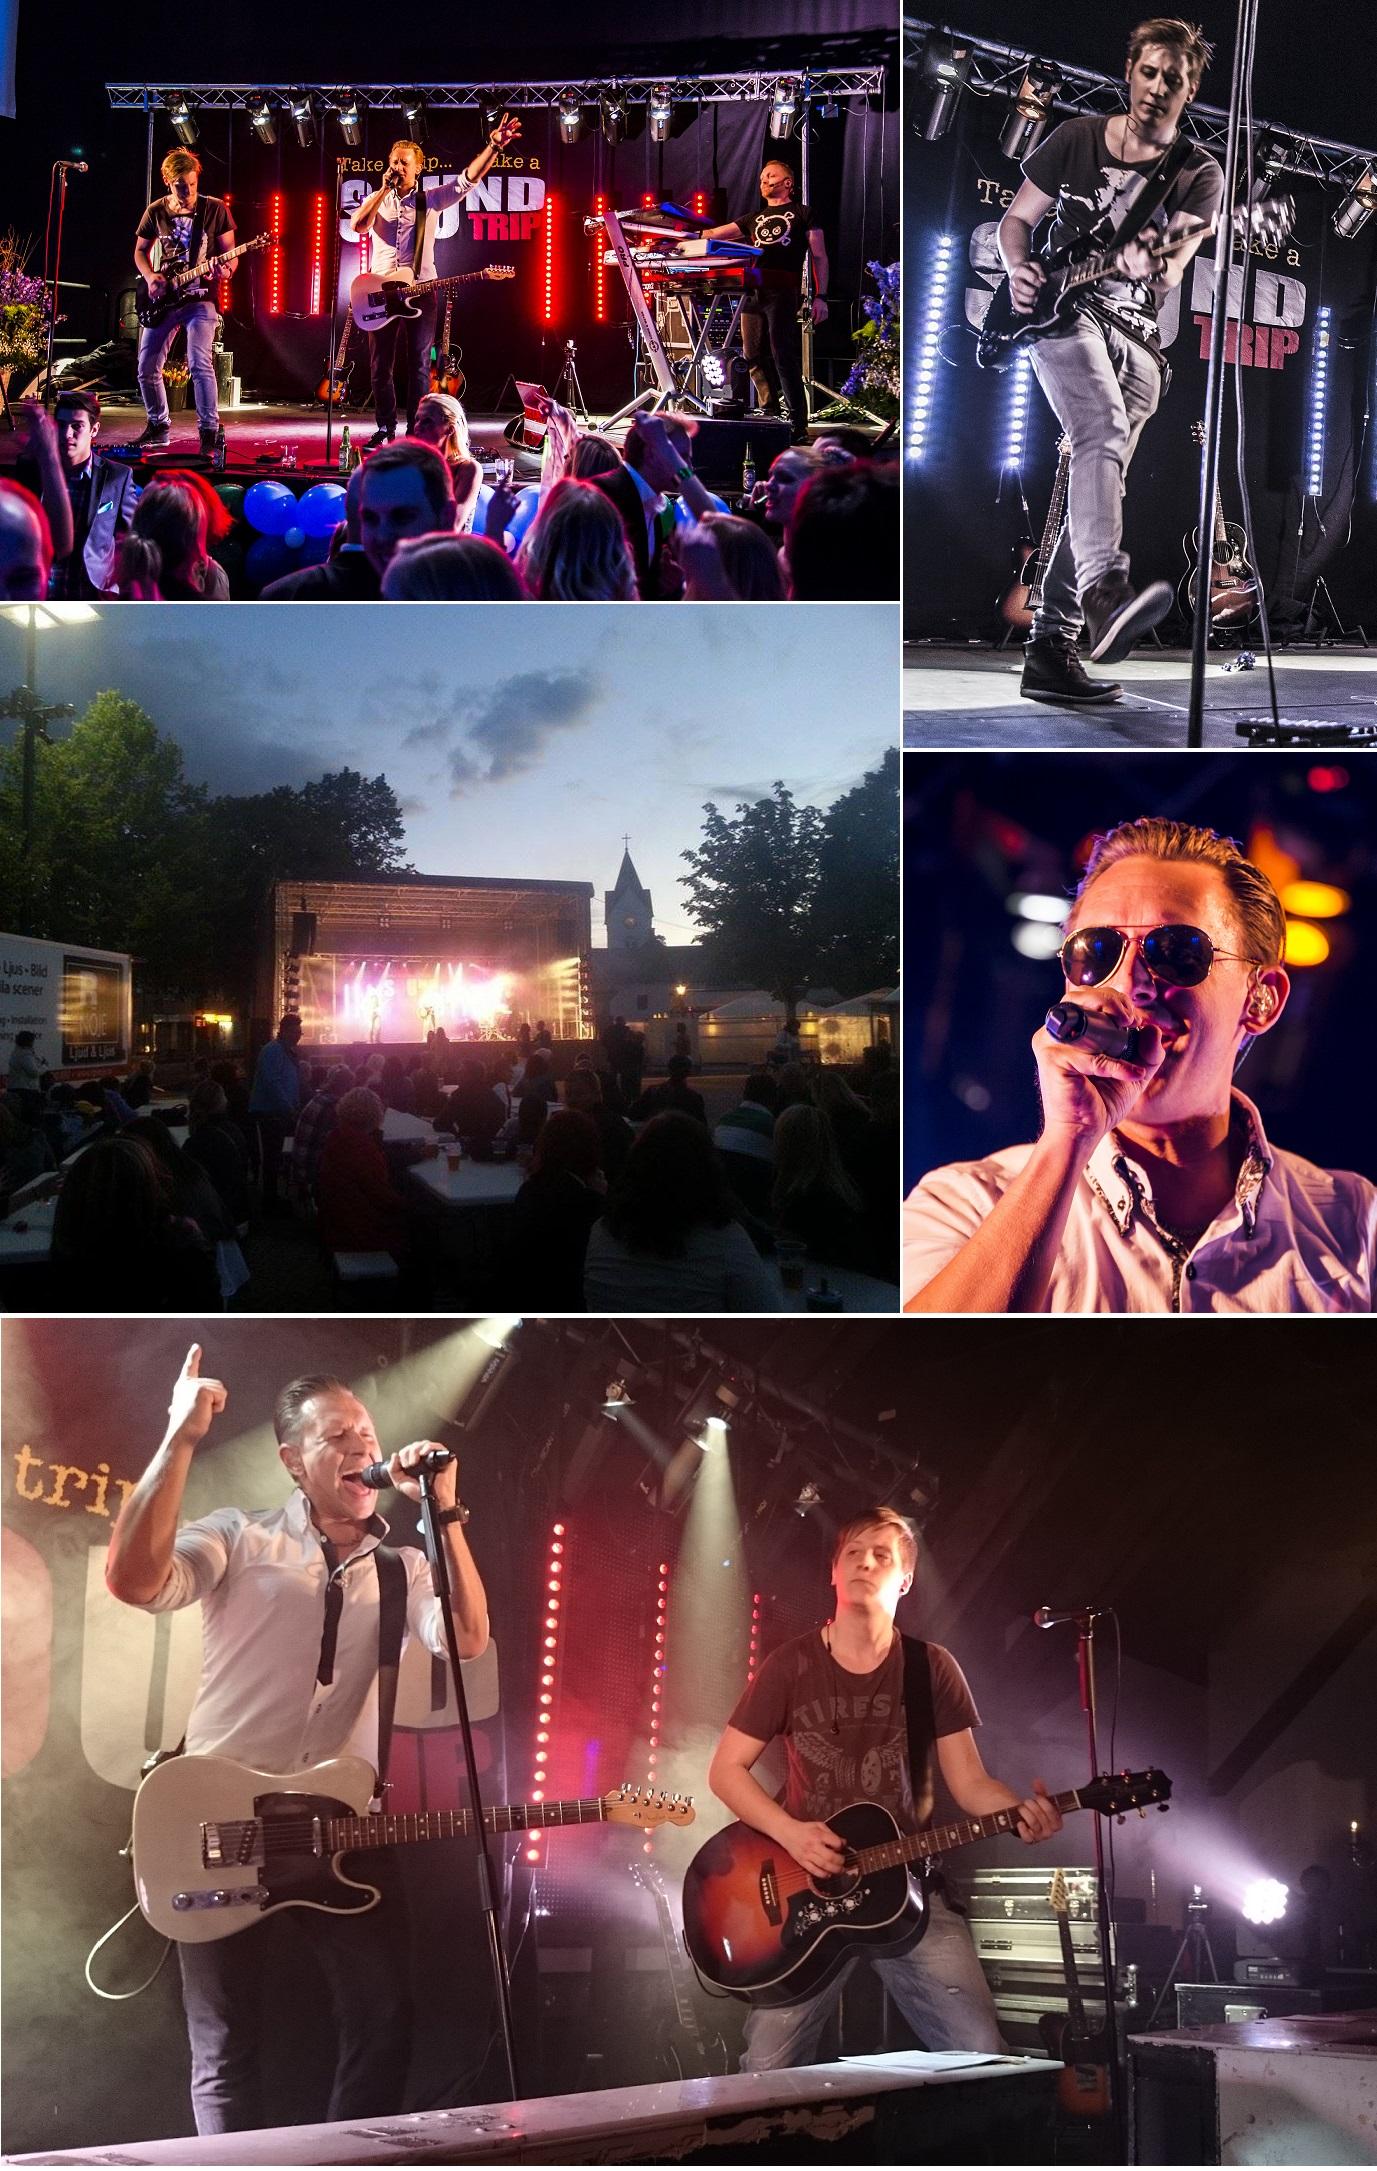 Sound Trip musik festival tips företag event julbord rock röj ös